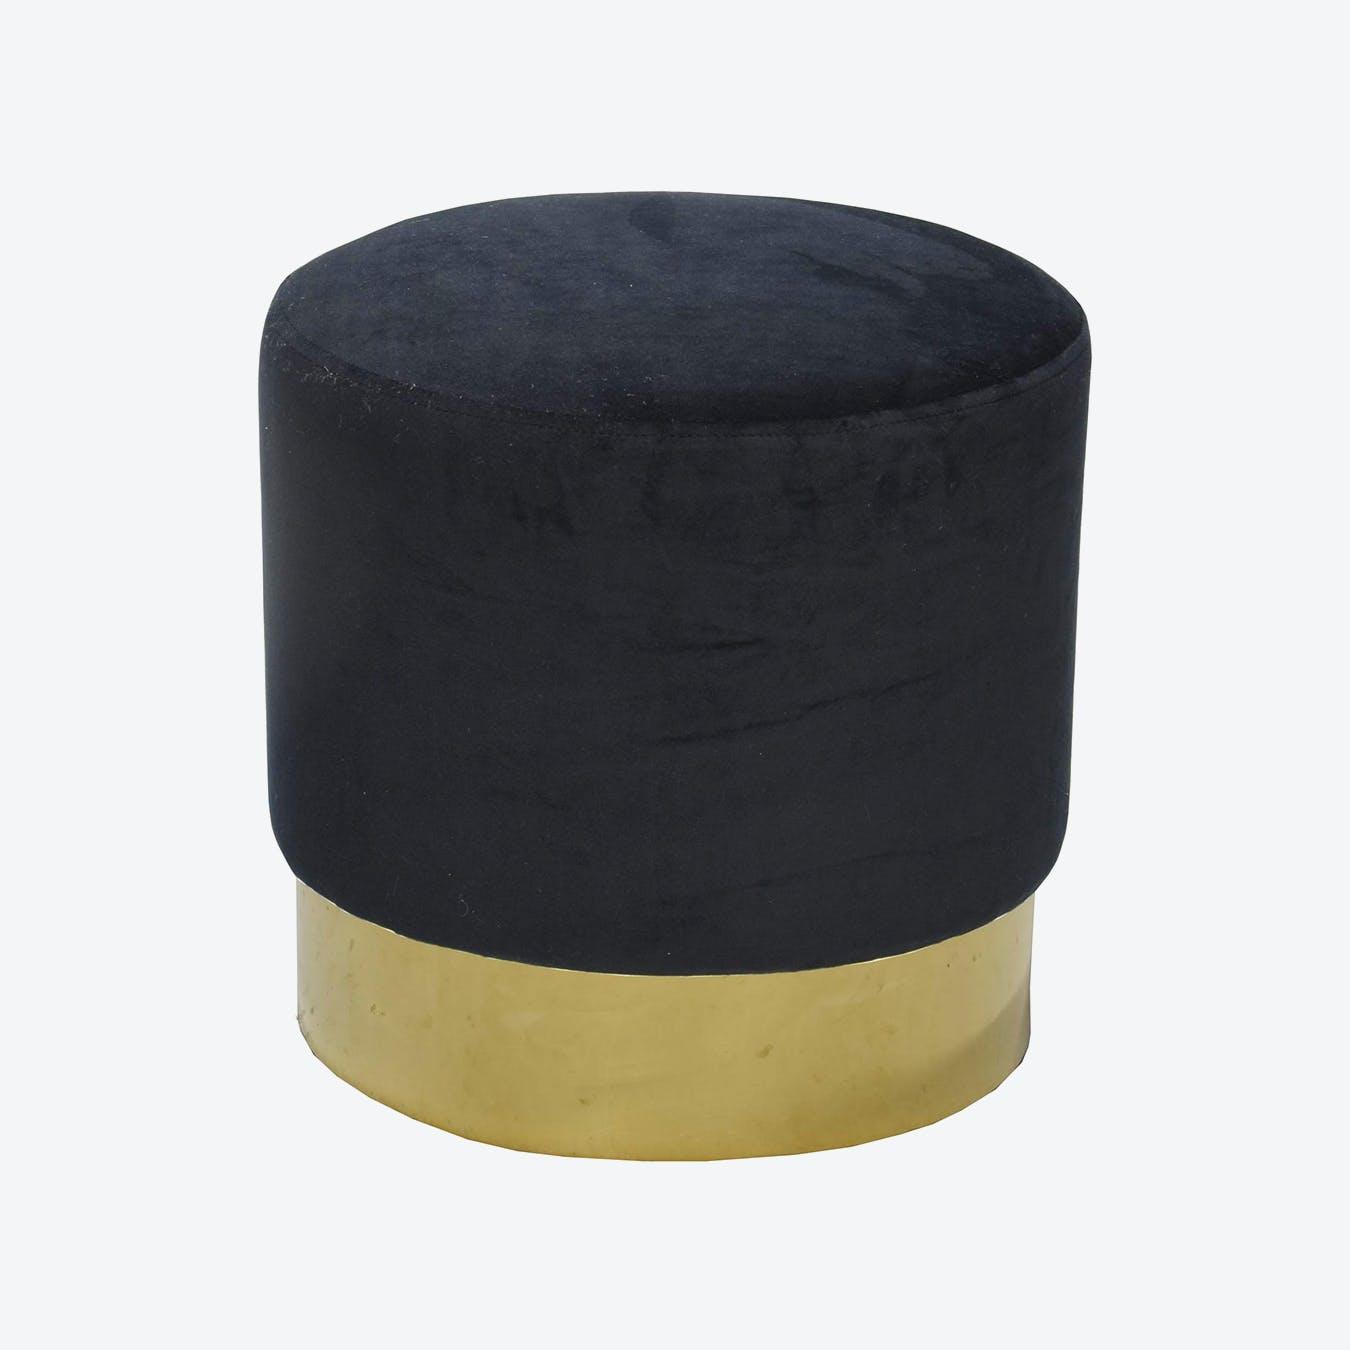 Bling Dark Black Pouf - Ø 50 cm